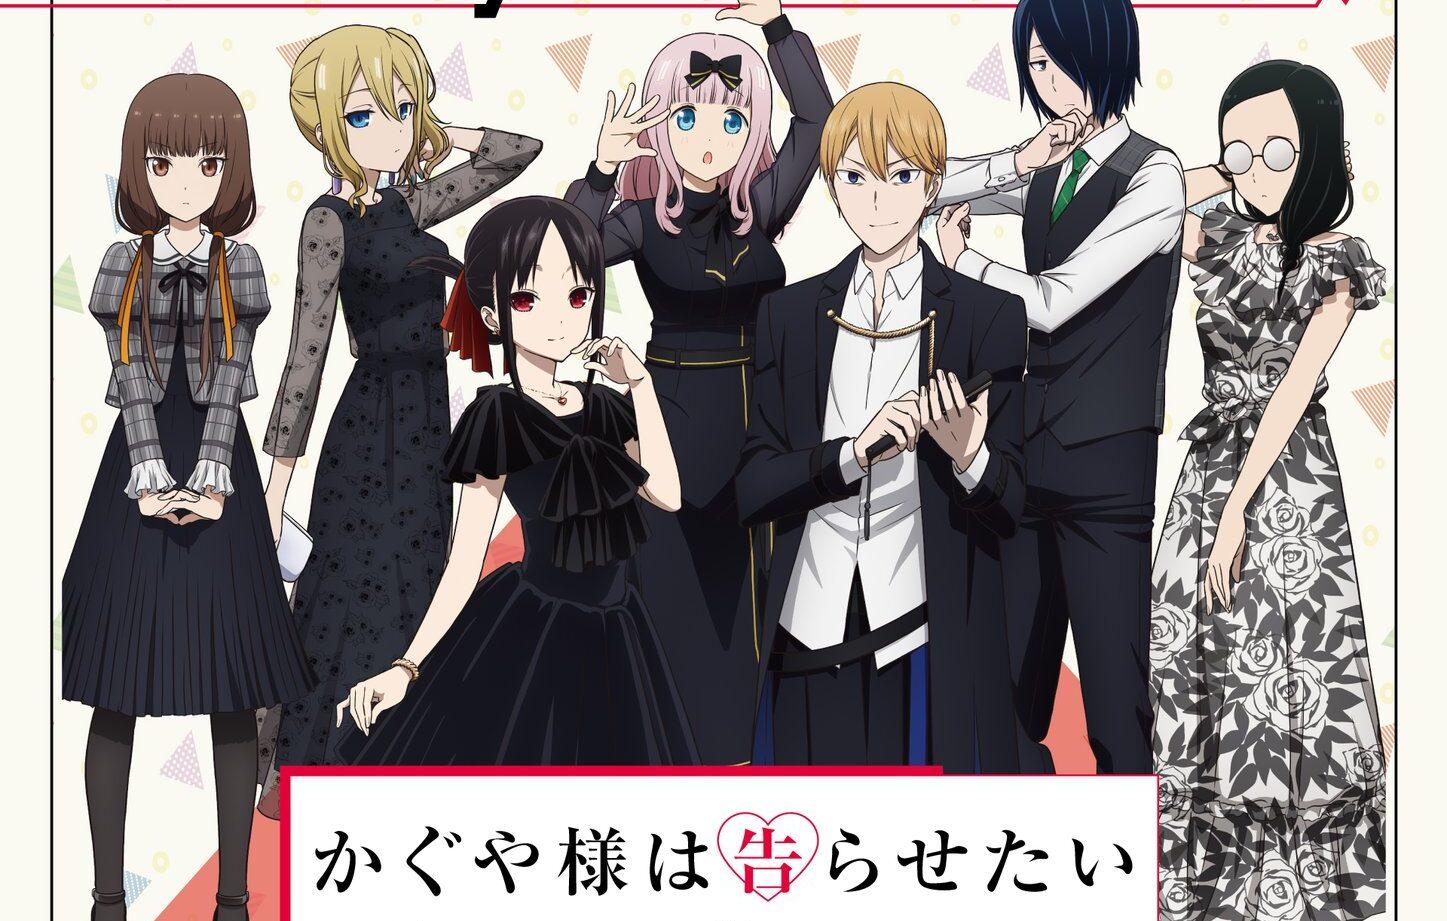 kaguya-sama terza stagione